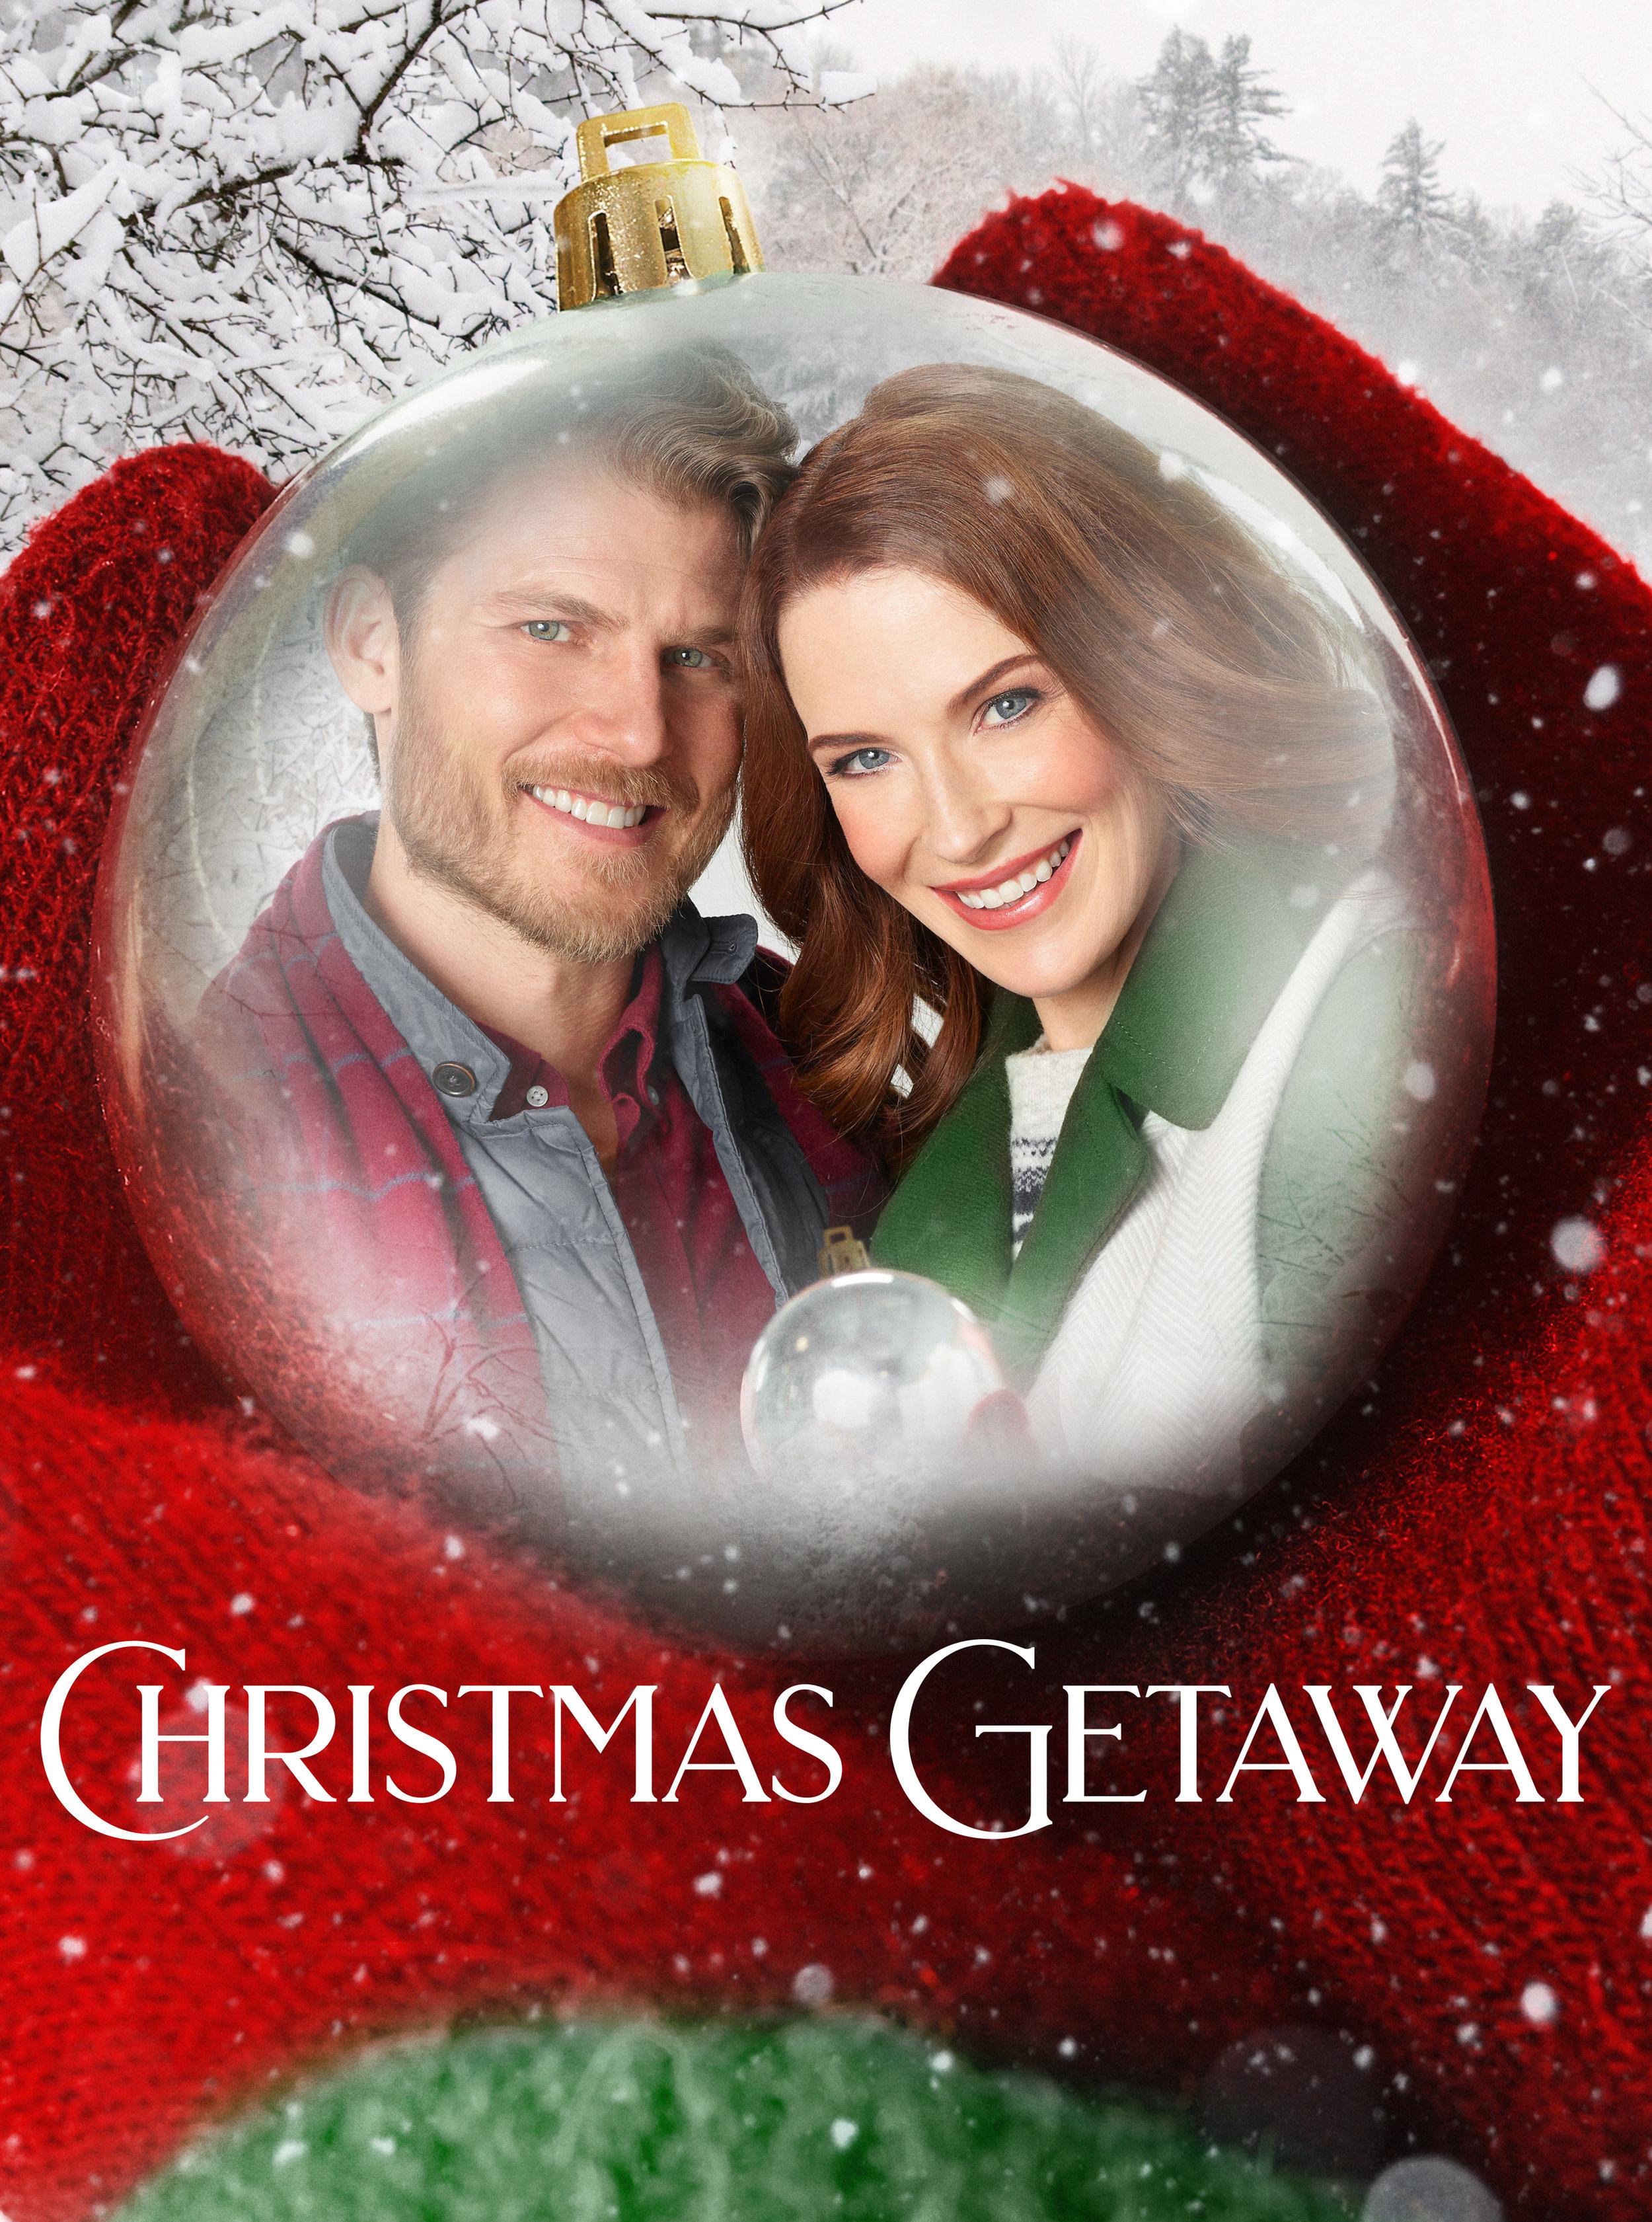 Christmas Homecoming Proposal.Christmas Getaway Crown Media International Distribution